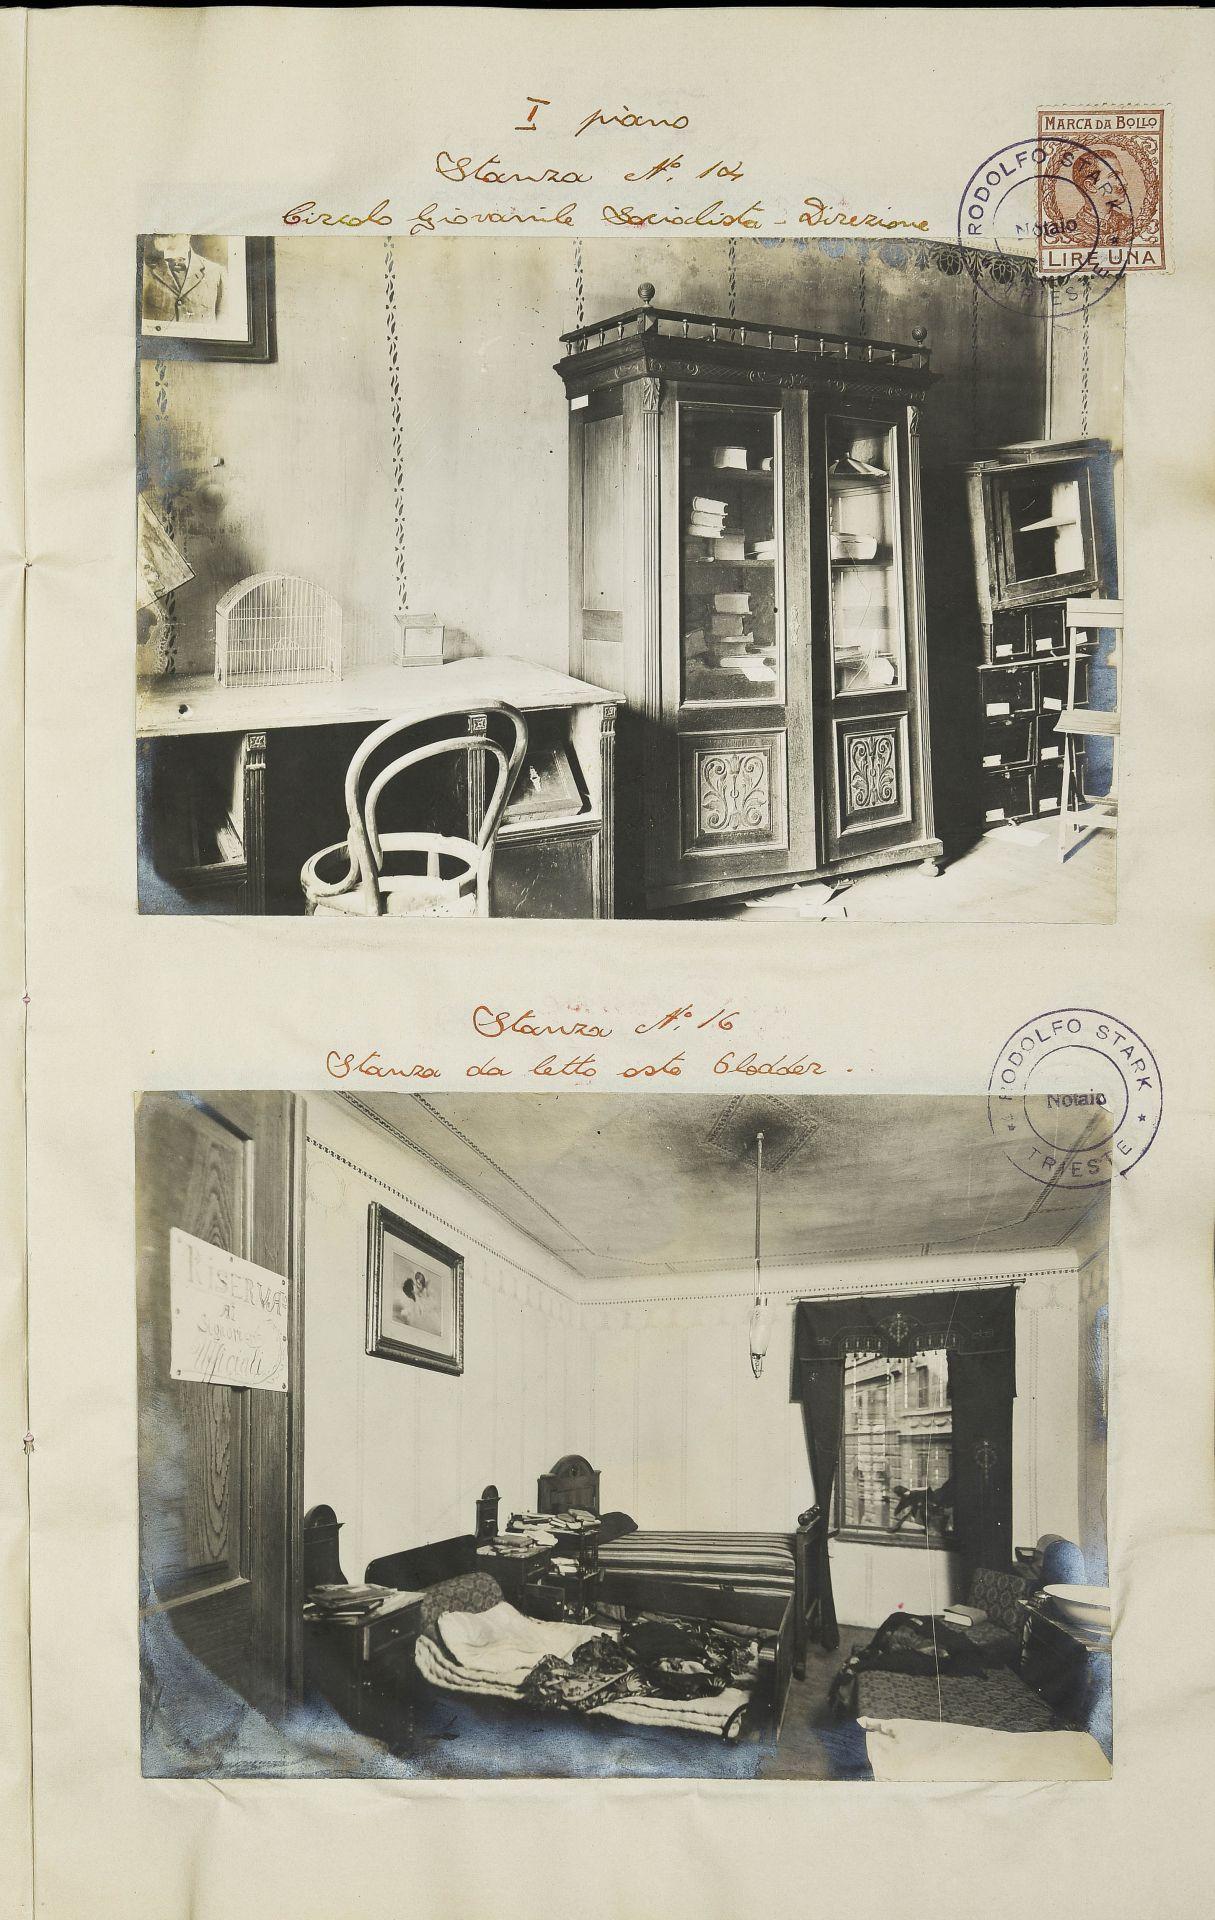 Settembre 2019 – I Fatti Di Trieste Del 3-4 Agosto 1919